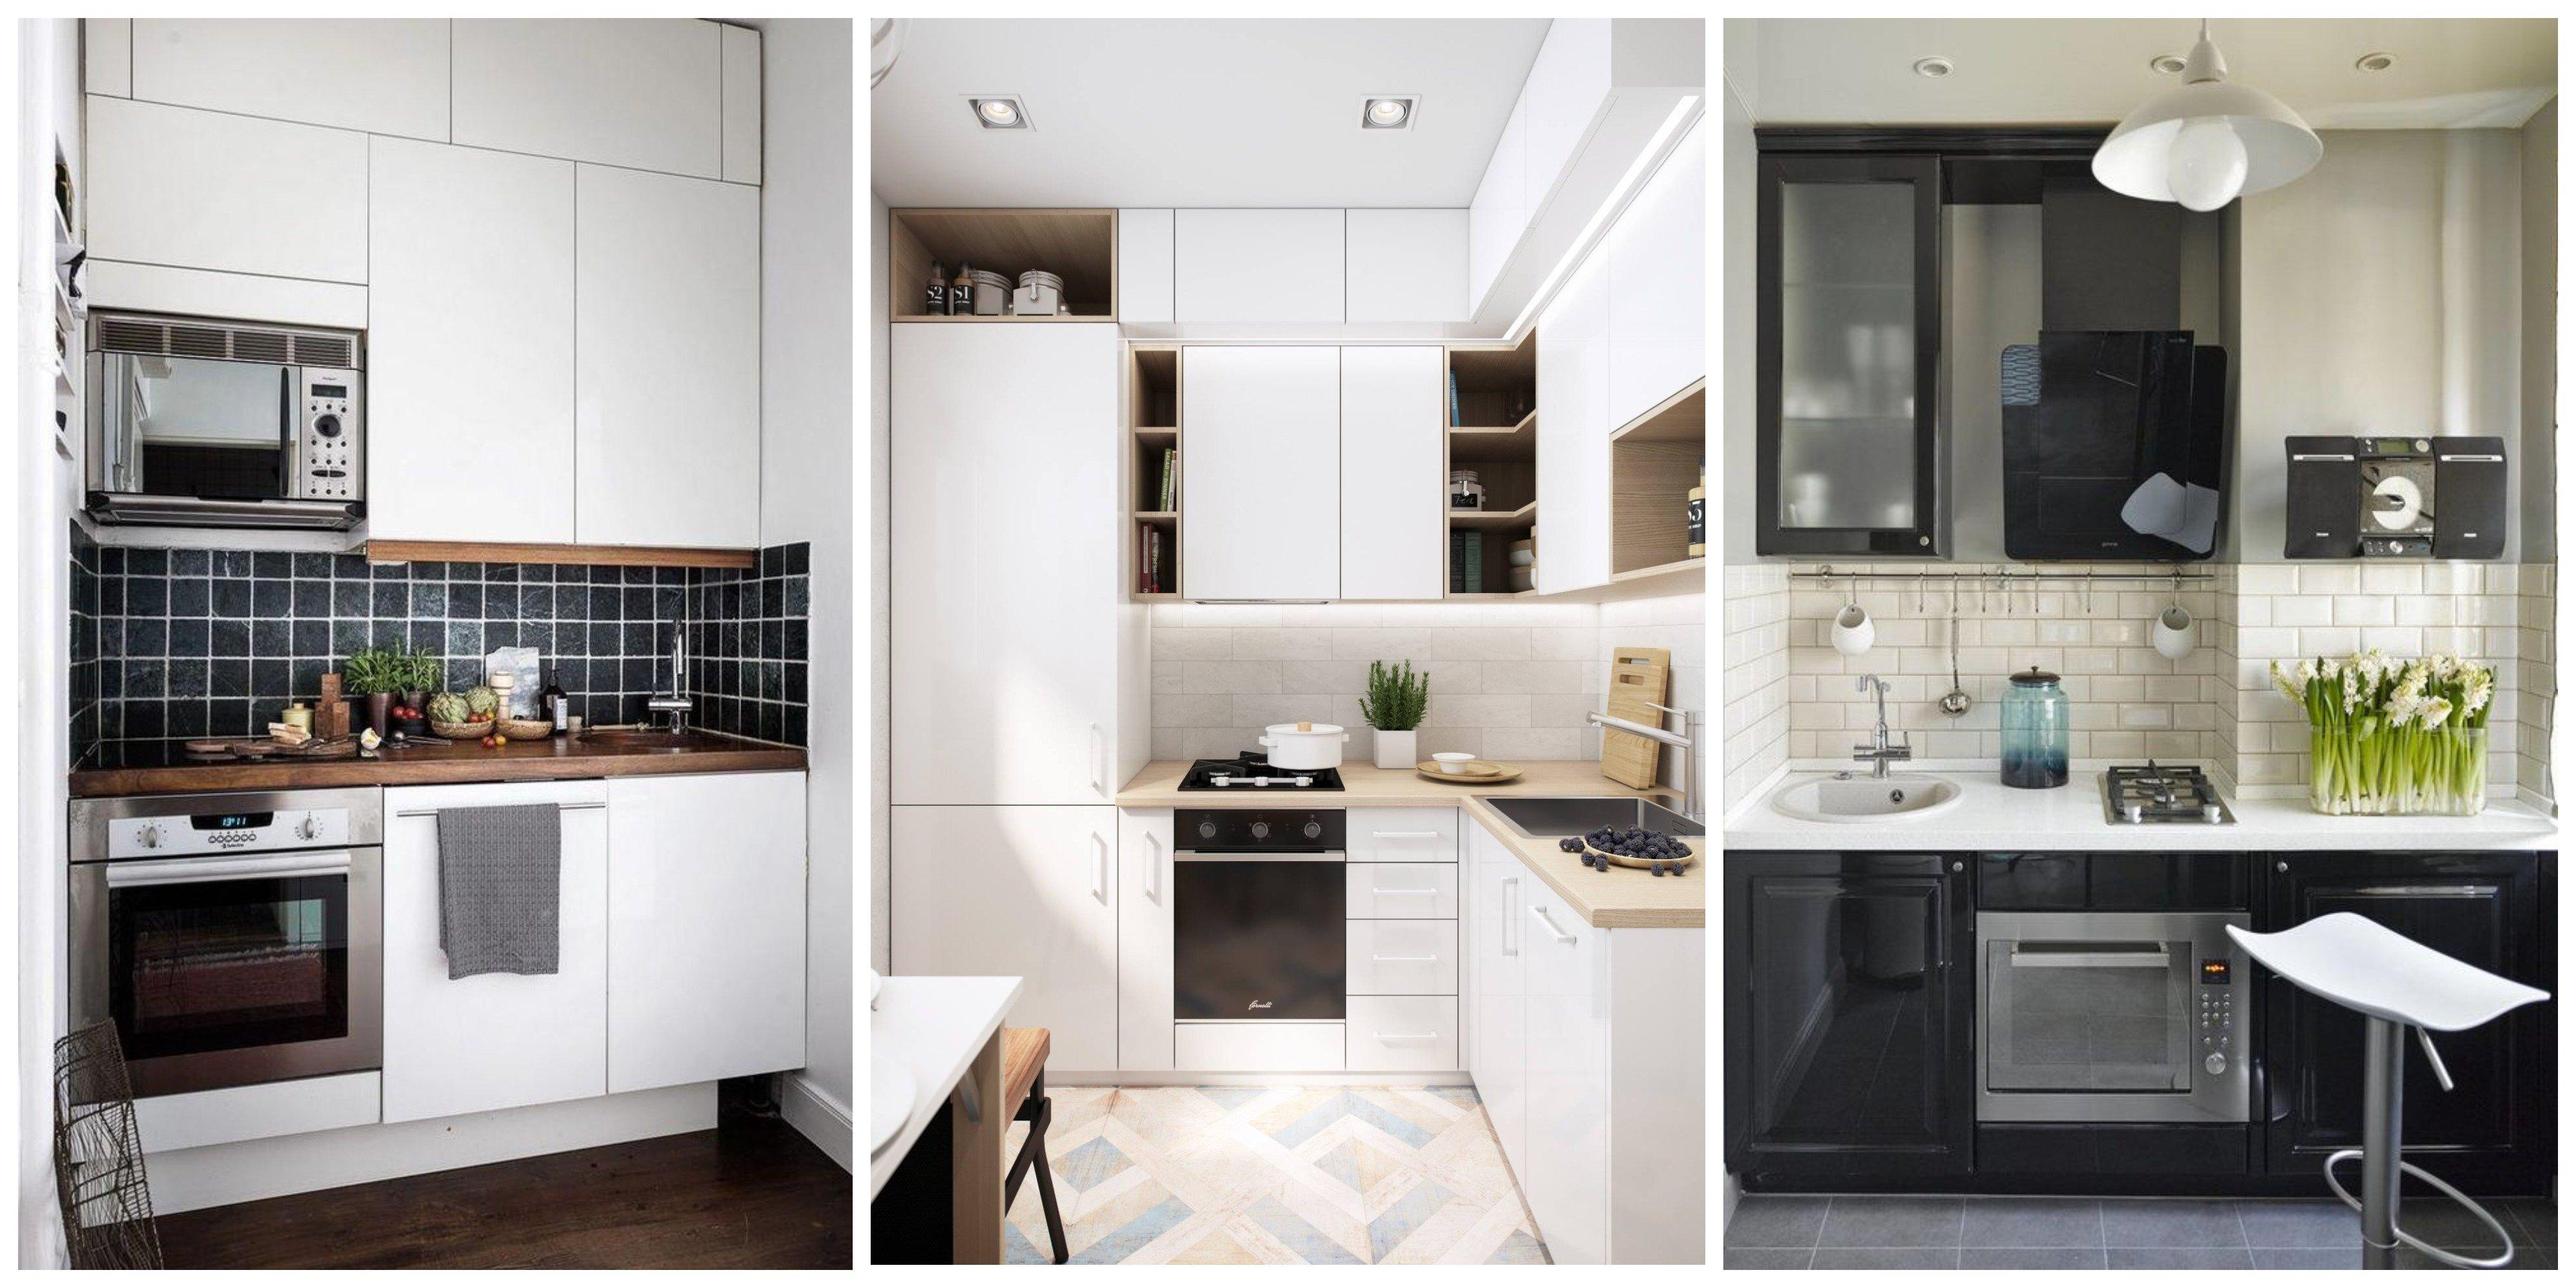 Дизайн маленькой кухни – лучшие идеи, 300 фото